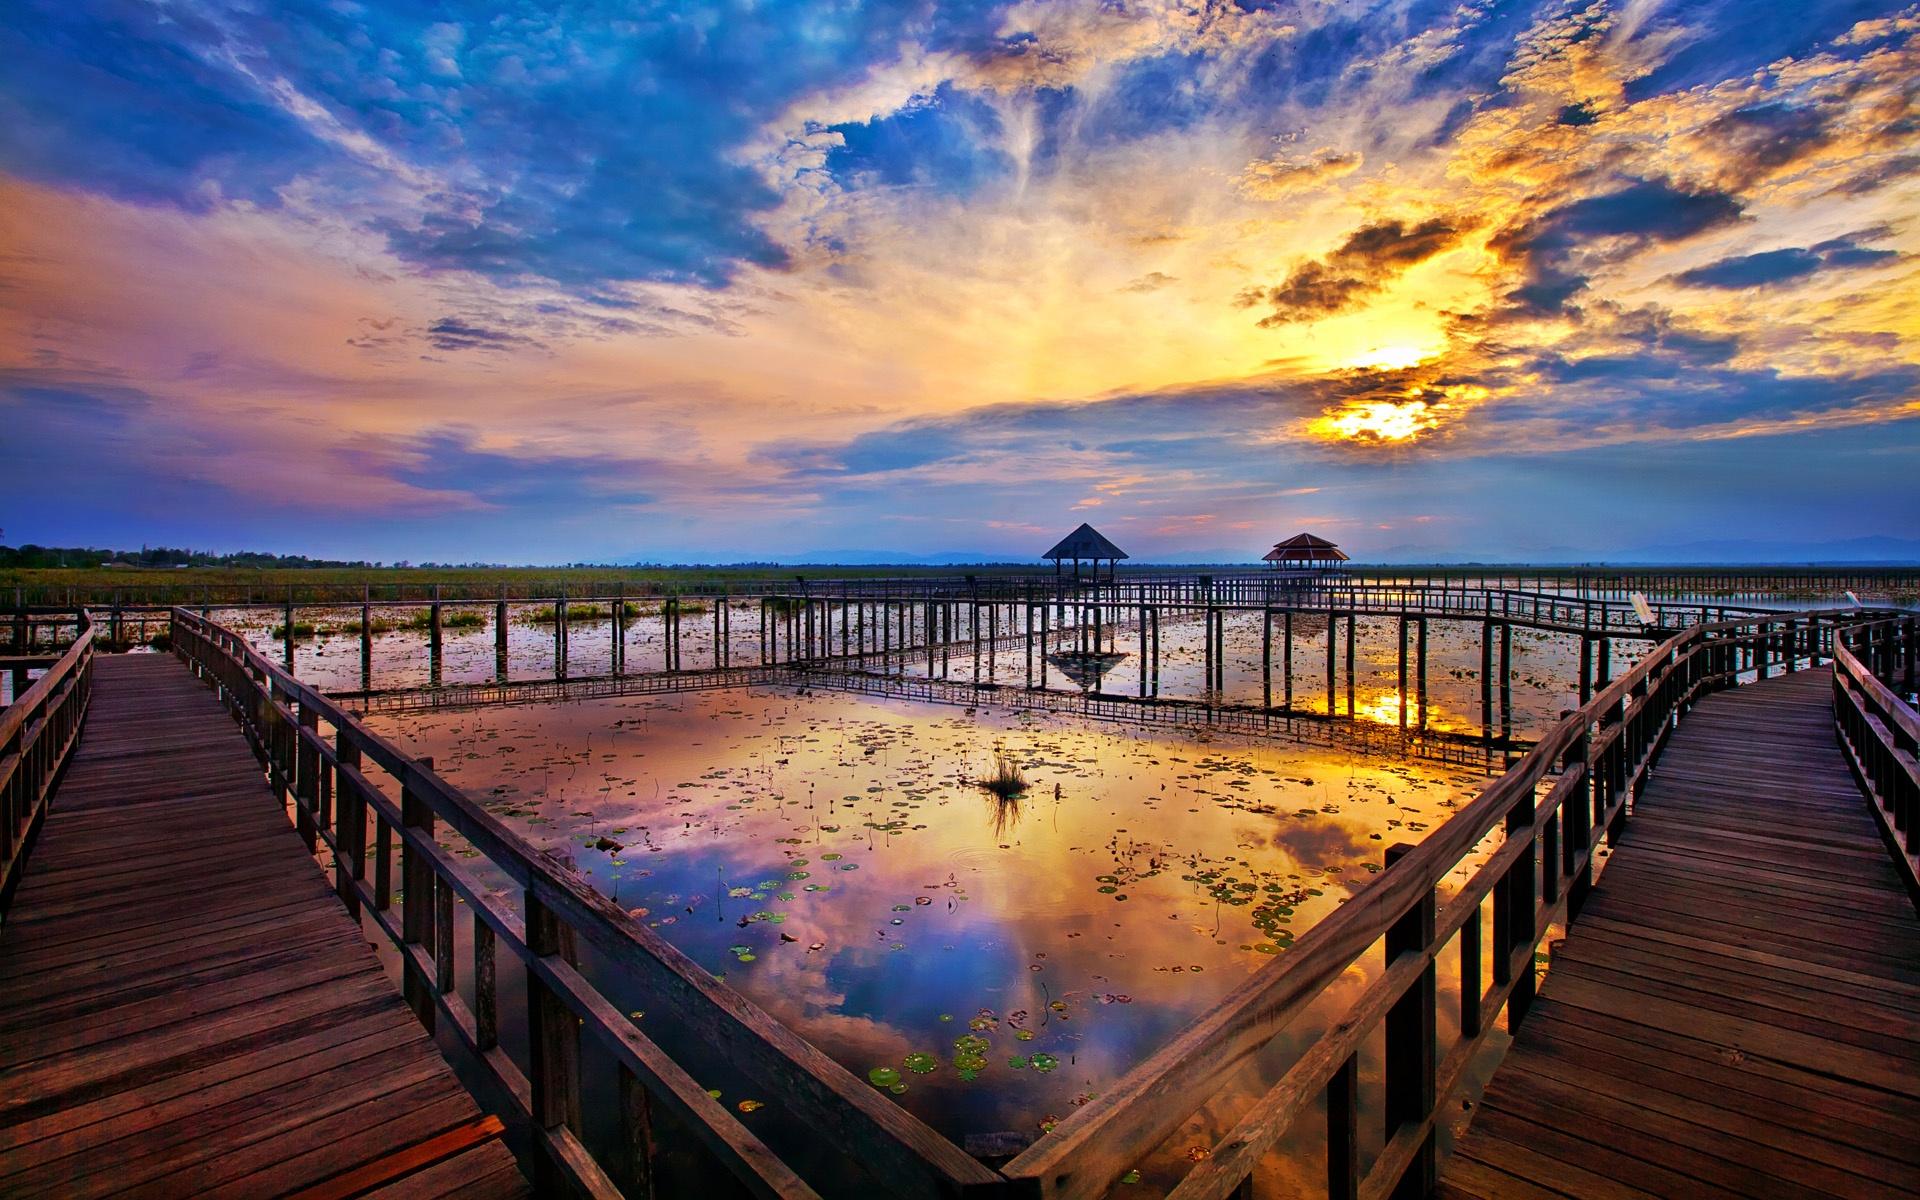 壁紙 ワット マハタートの遺跡 スコータイ歴史公園 タイ景勝地